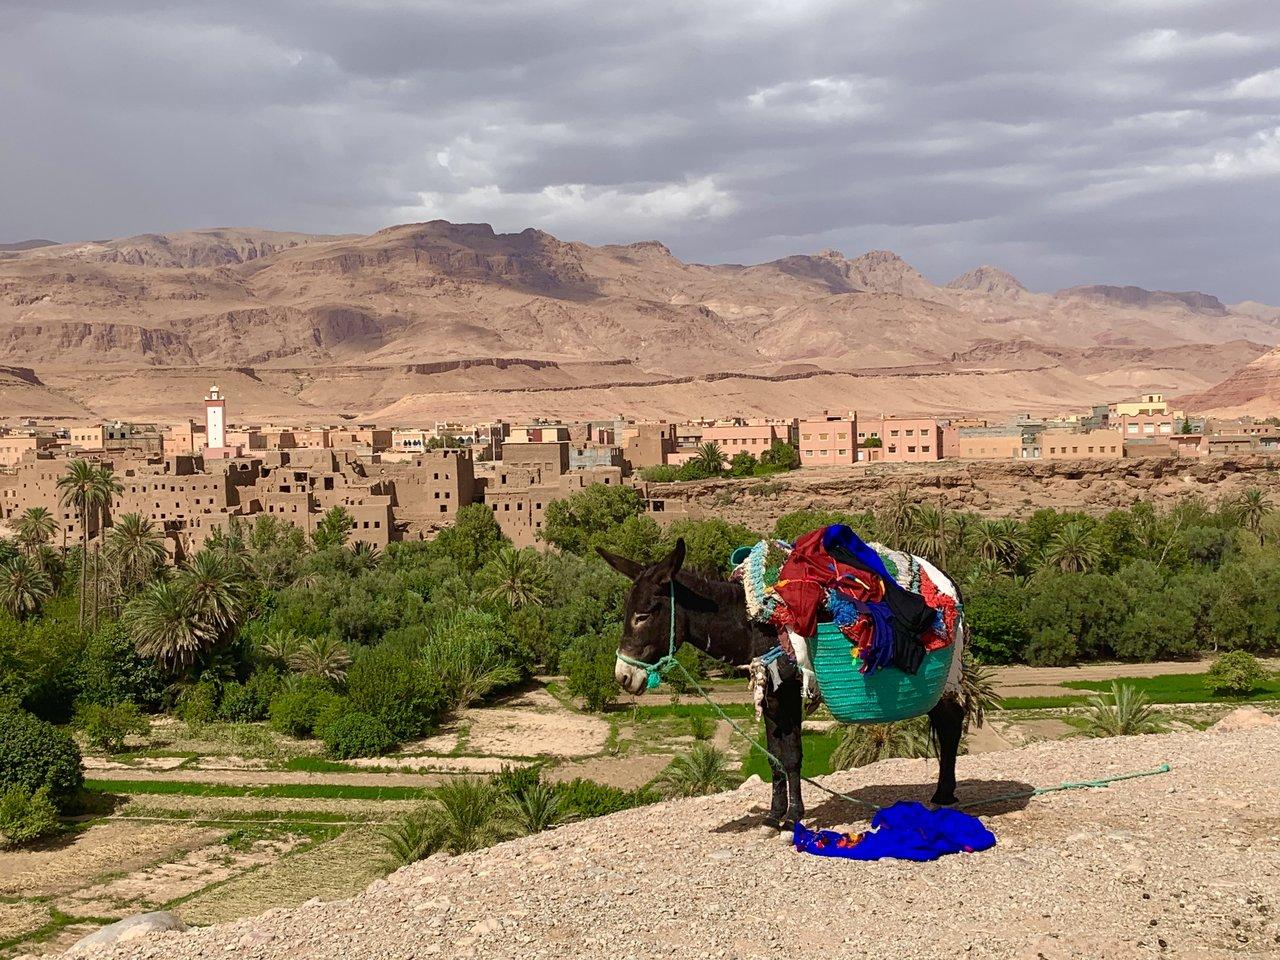 Desert transport  | Photo taken by Rod K